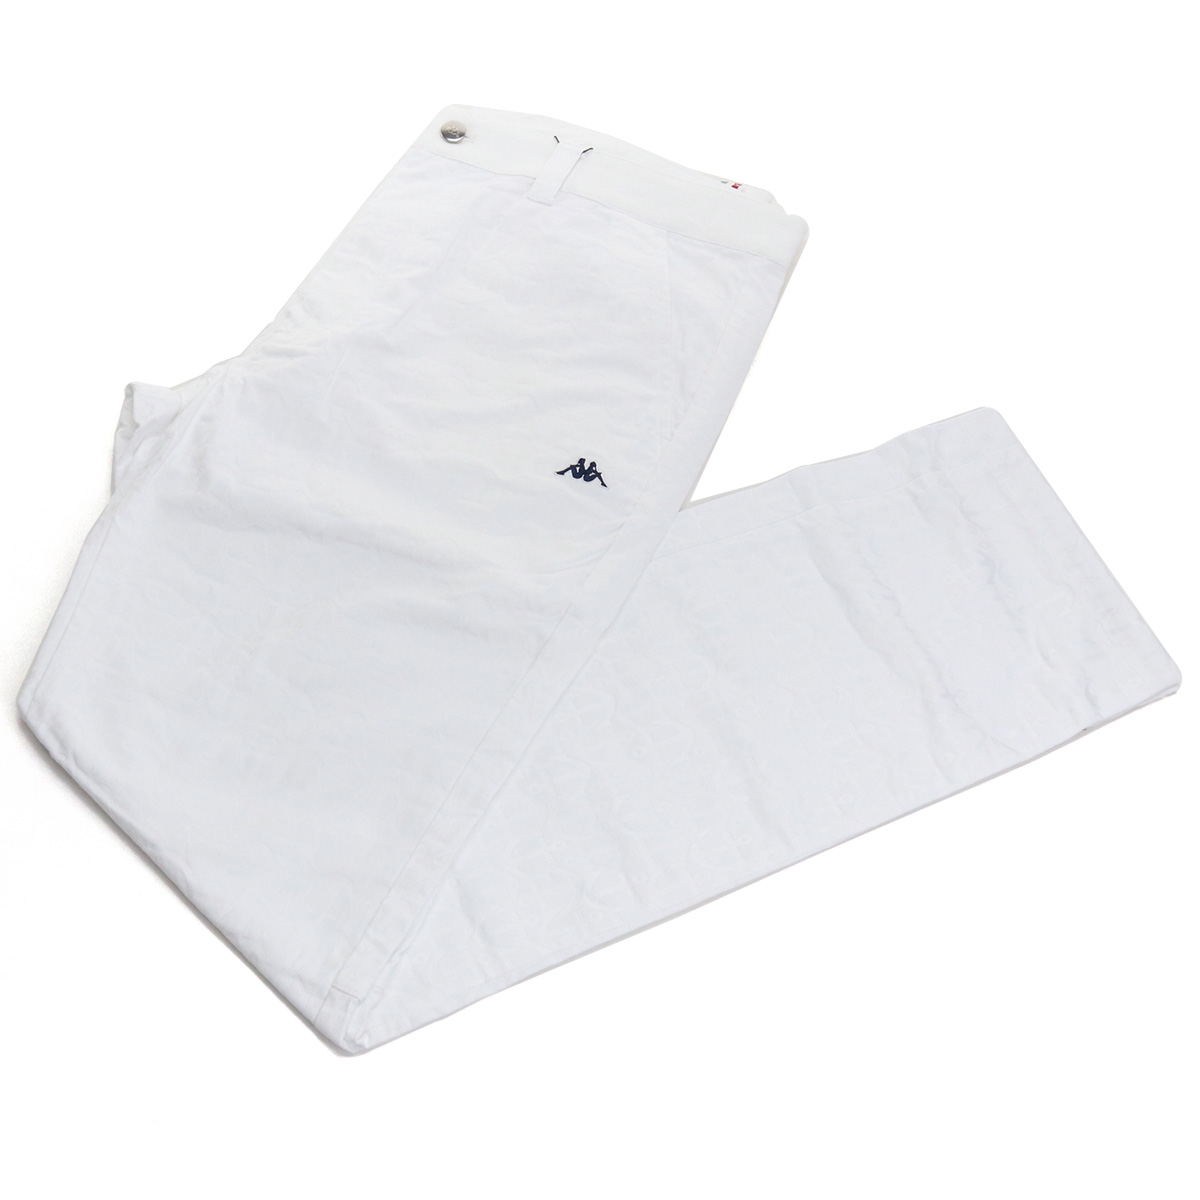 ※ 2020 新作 送料無料 激安超特価 ラッピング無料 Special Price カッパ KAPPA GOLF golf-01 裾上げ推奨 ホワイト系 KG812PA45 sp-02 WT メンズ-パンツ